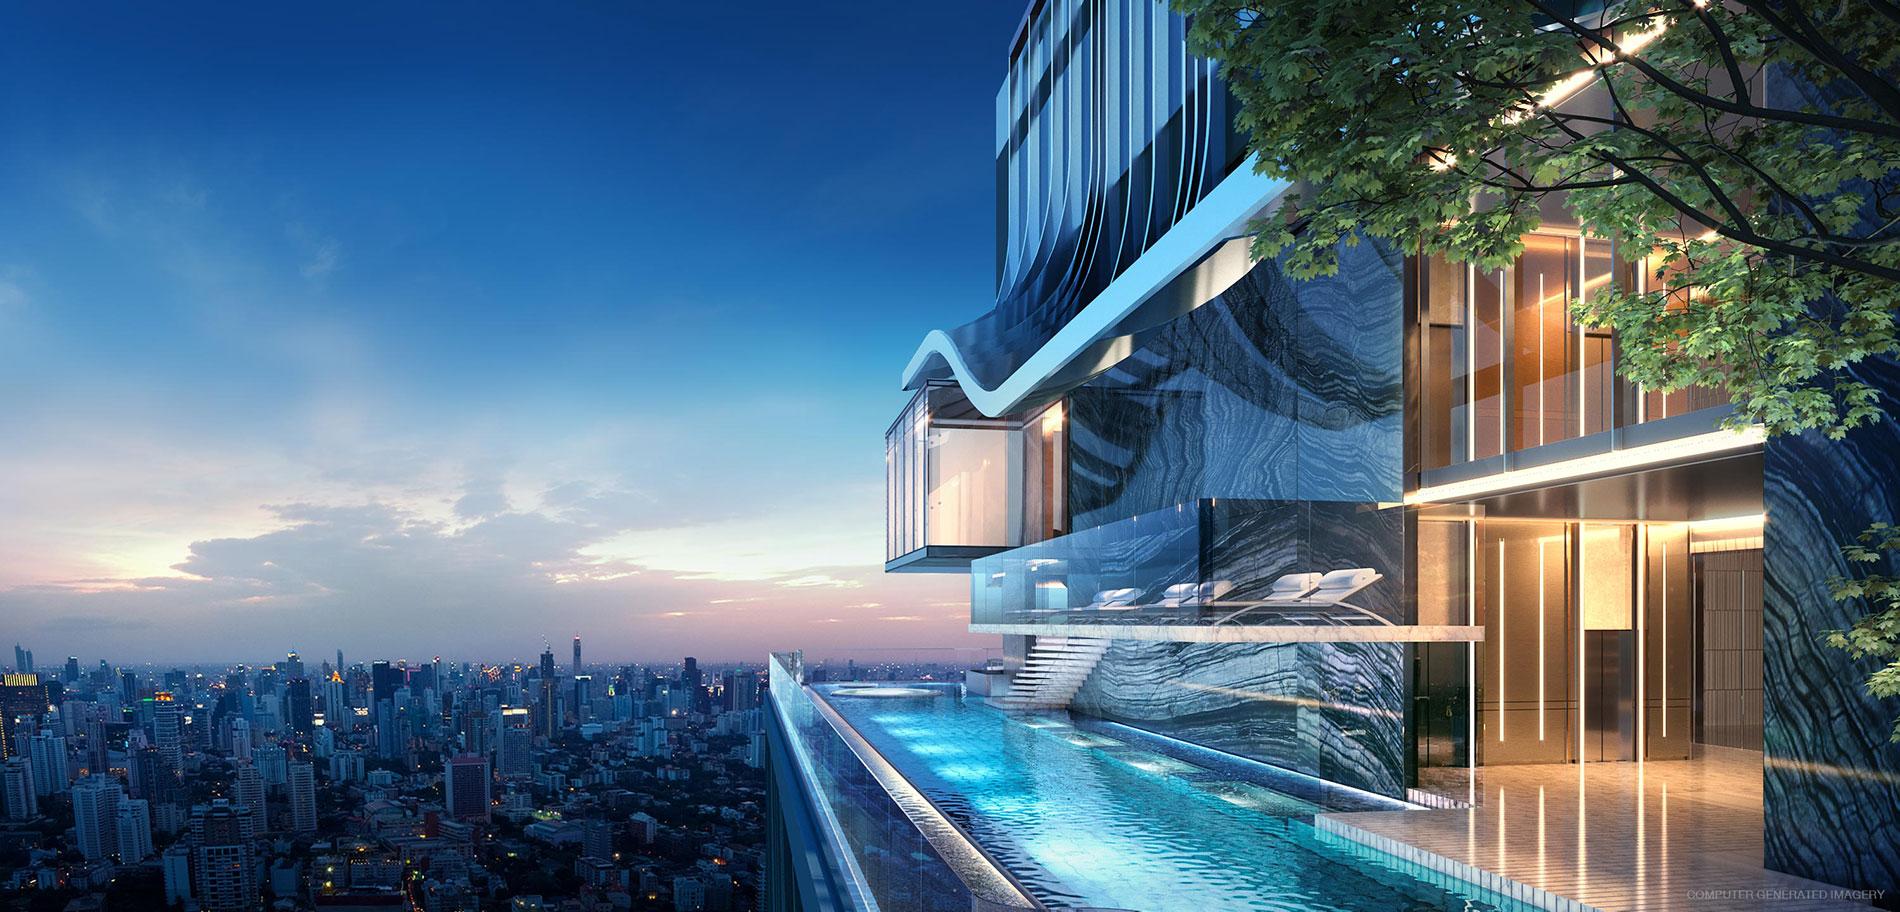 Building A: Crystal Box ออกแบบให้เป็นห้องกระจกยื่นออกจากตัวอาคาร ให้คุณได้รู้สึกราวกับว่ายืนอยู่บนผิวน้ำ ท่ามกลางเมฆหมอกที่ลอยอยู่รอบตัว